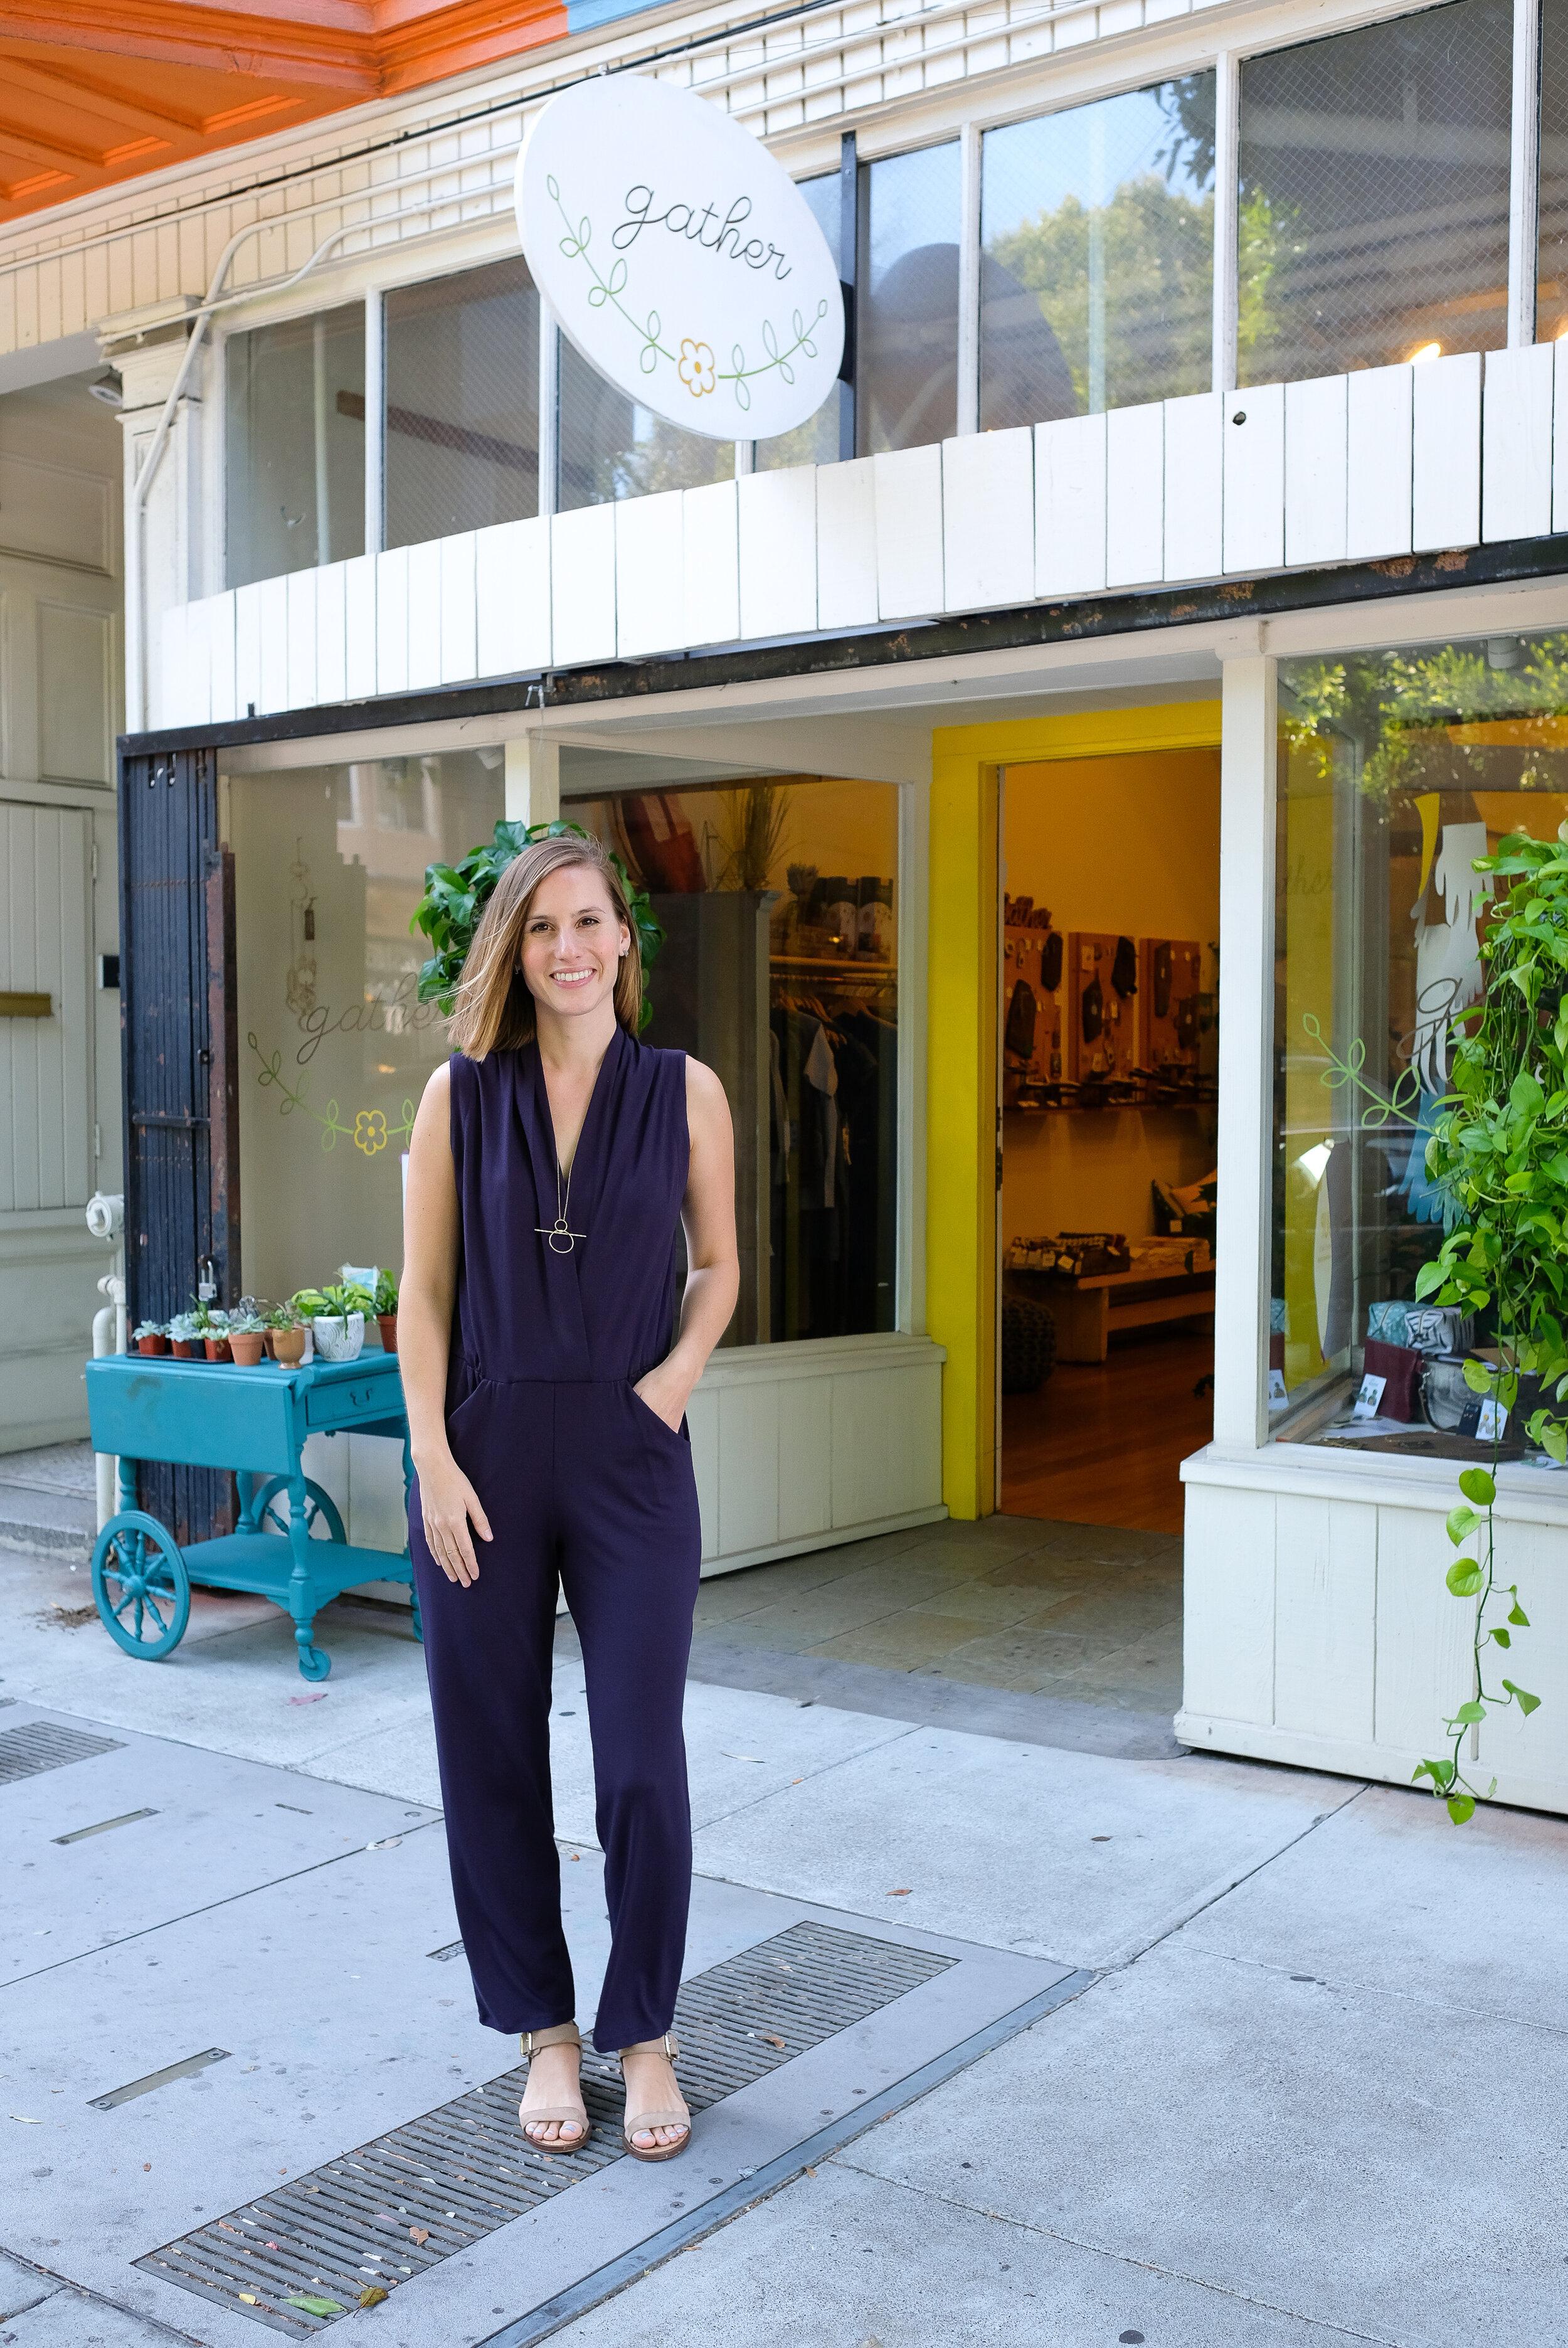 Sarah Liller Jumpsuit  retails for $198 but now $50